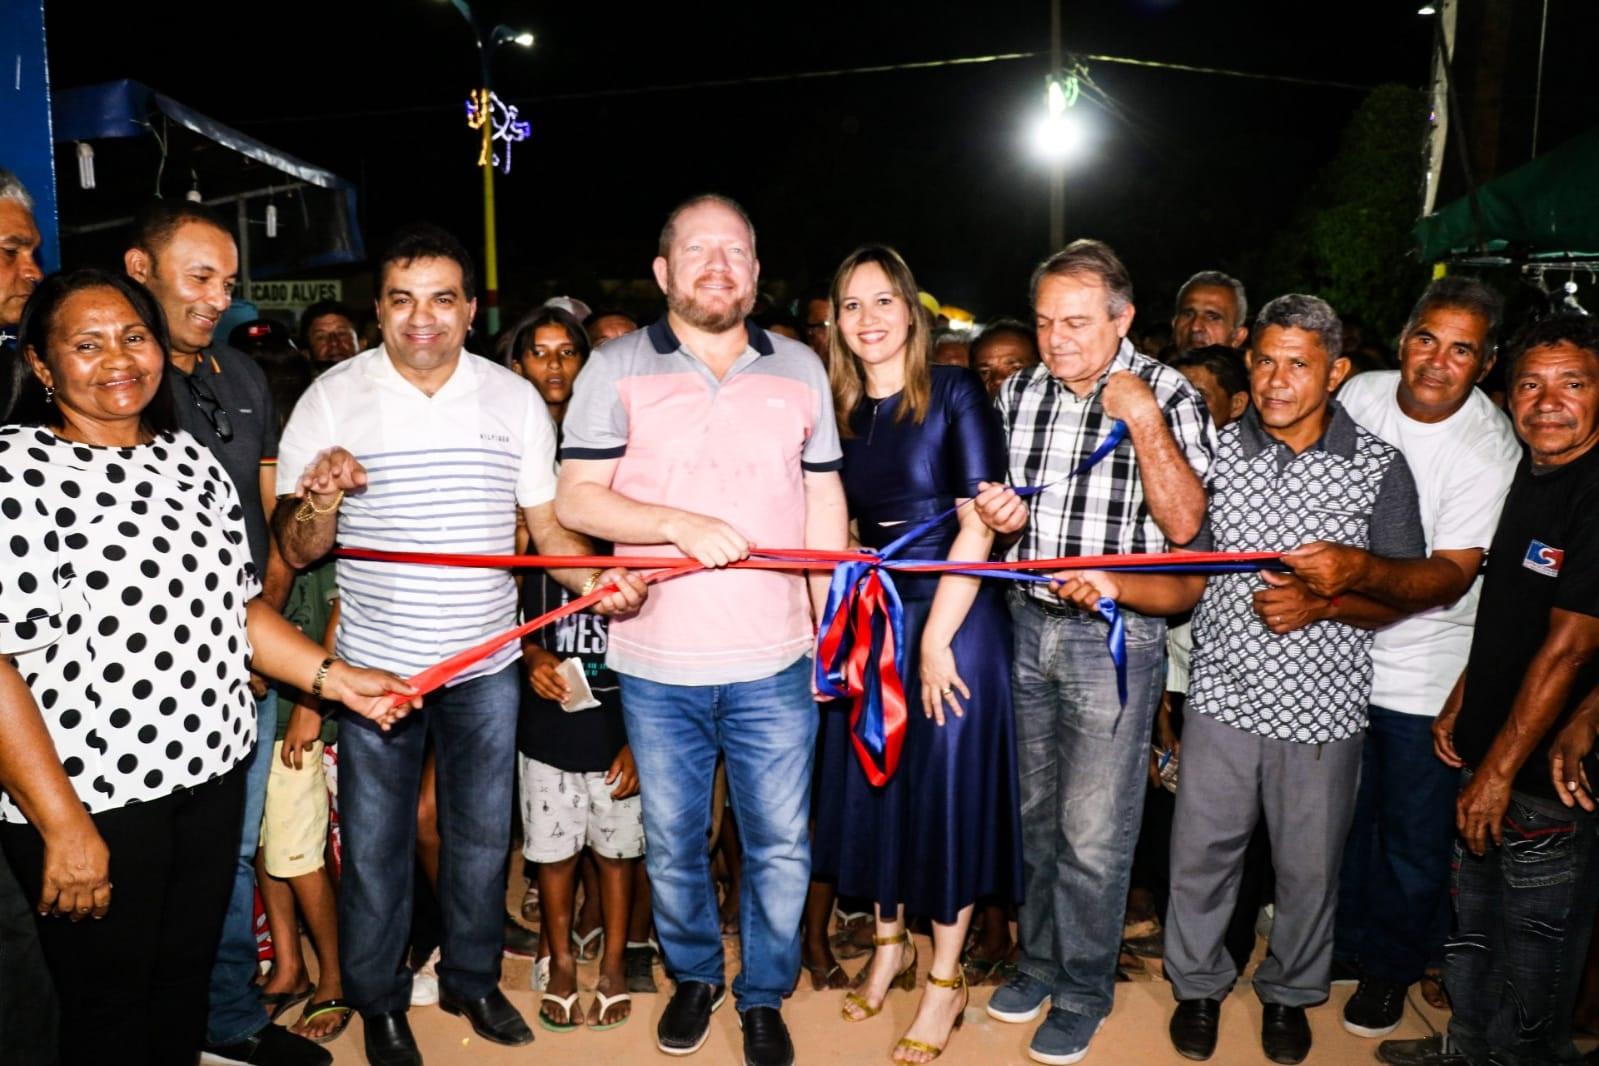 Corte da fita inaugural do Estádio Doutorzão, em Centro do Guilherme, que completou 25 anos de emancipação política